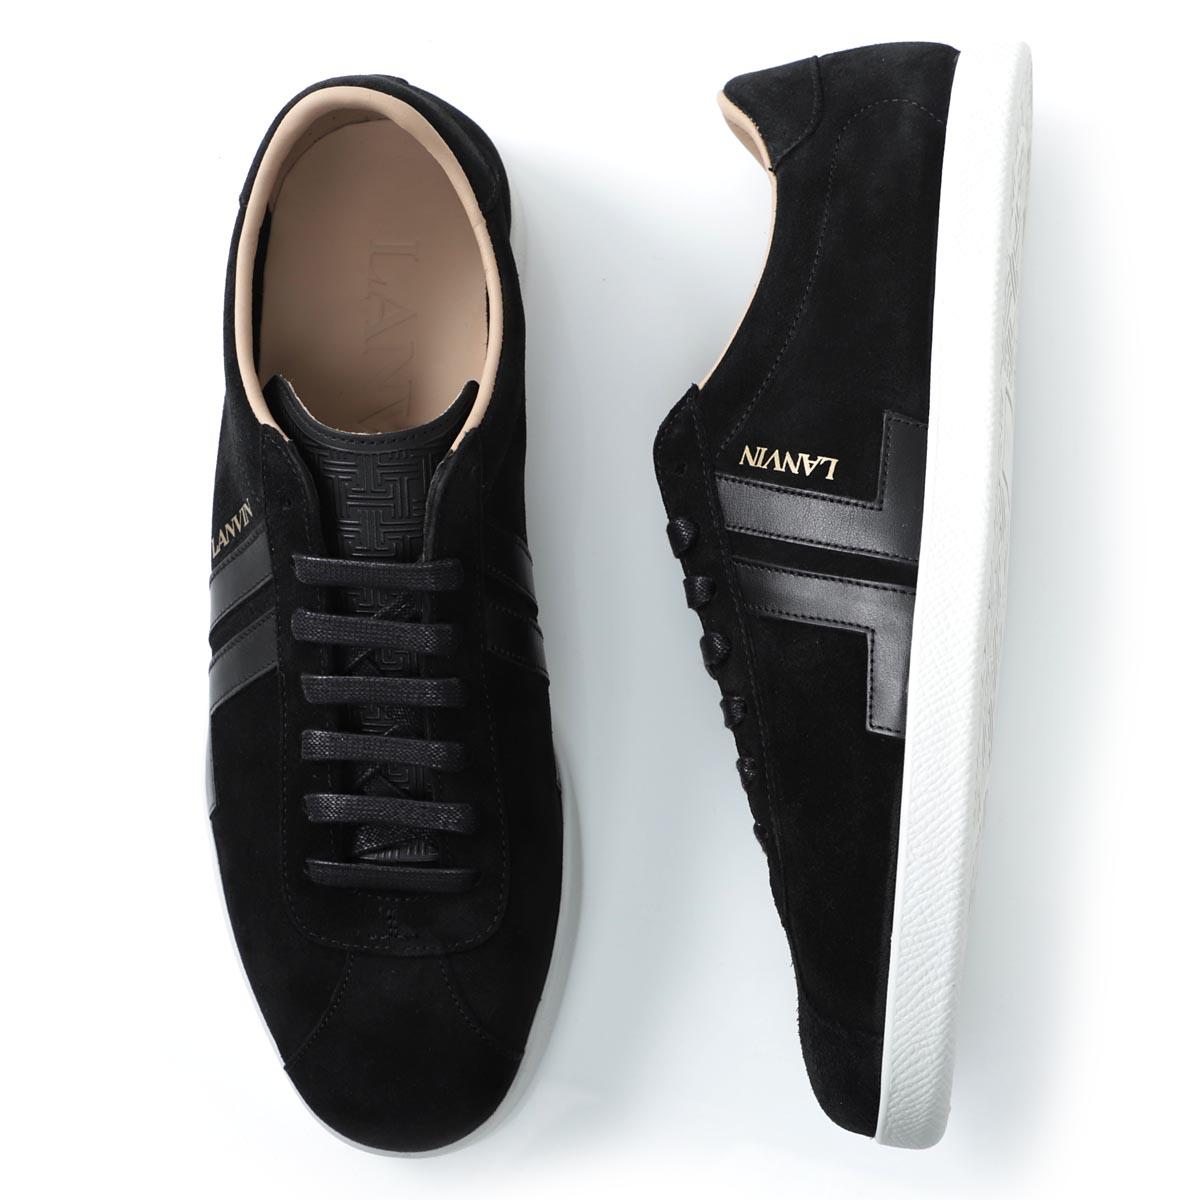 ランバン LANVIN スニーカー ブラック メンズ シューズ 靴 カジュアル 大きいサイズあり fm skdlon suna p20 10 SUEDE GLEN SNEAKERS【あす楽対応_関東】【返品送料無料】【ラッピング無料】